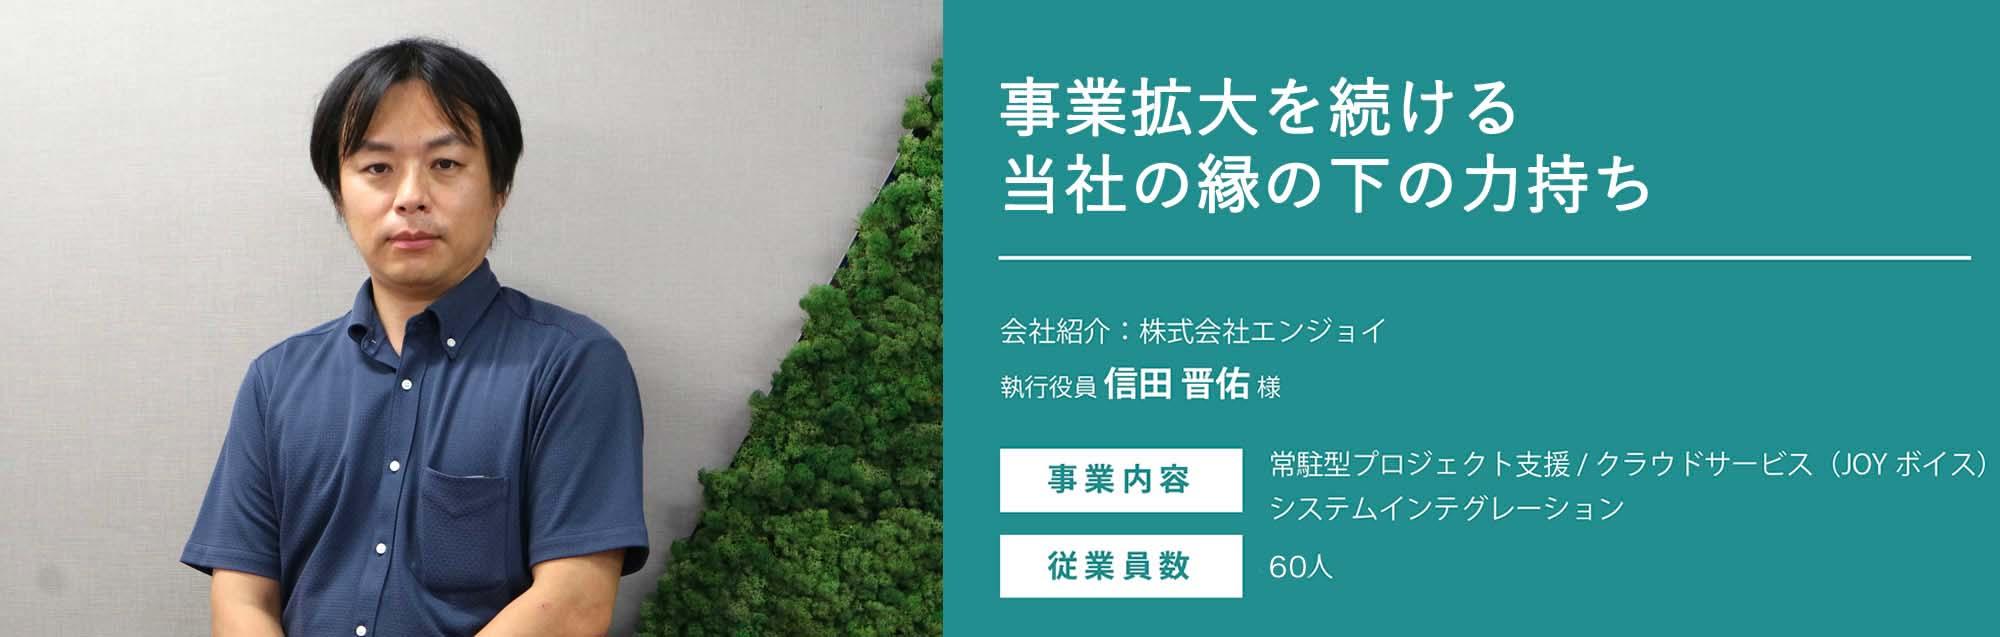 会社紹介:株式会社エンジョイ